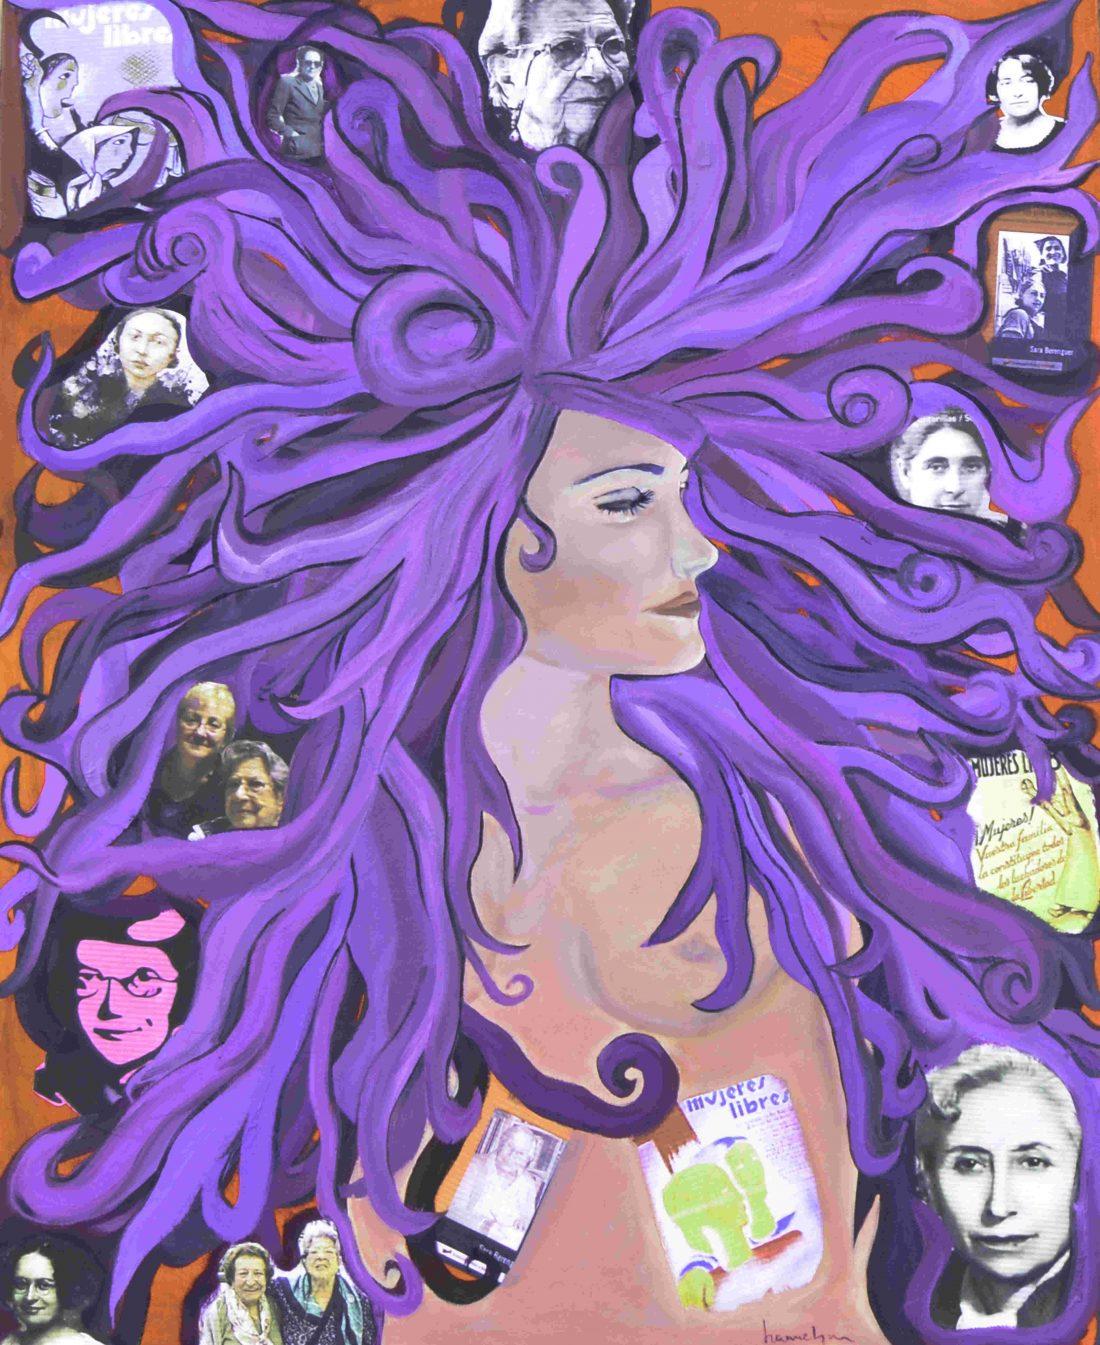 Valencia, del 24 al 28 de septiembre, Homenaje confederal a Mujeres LIbres